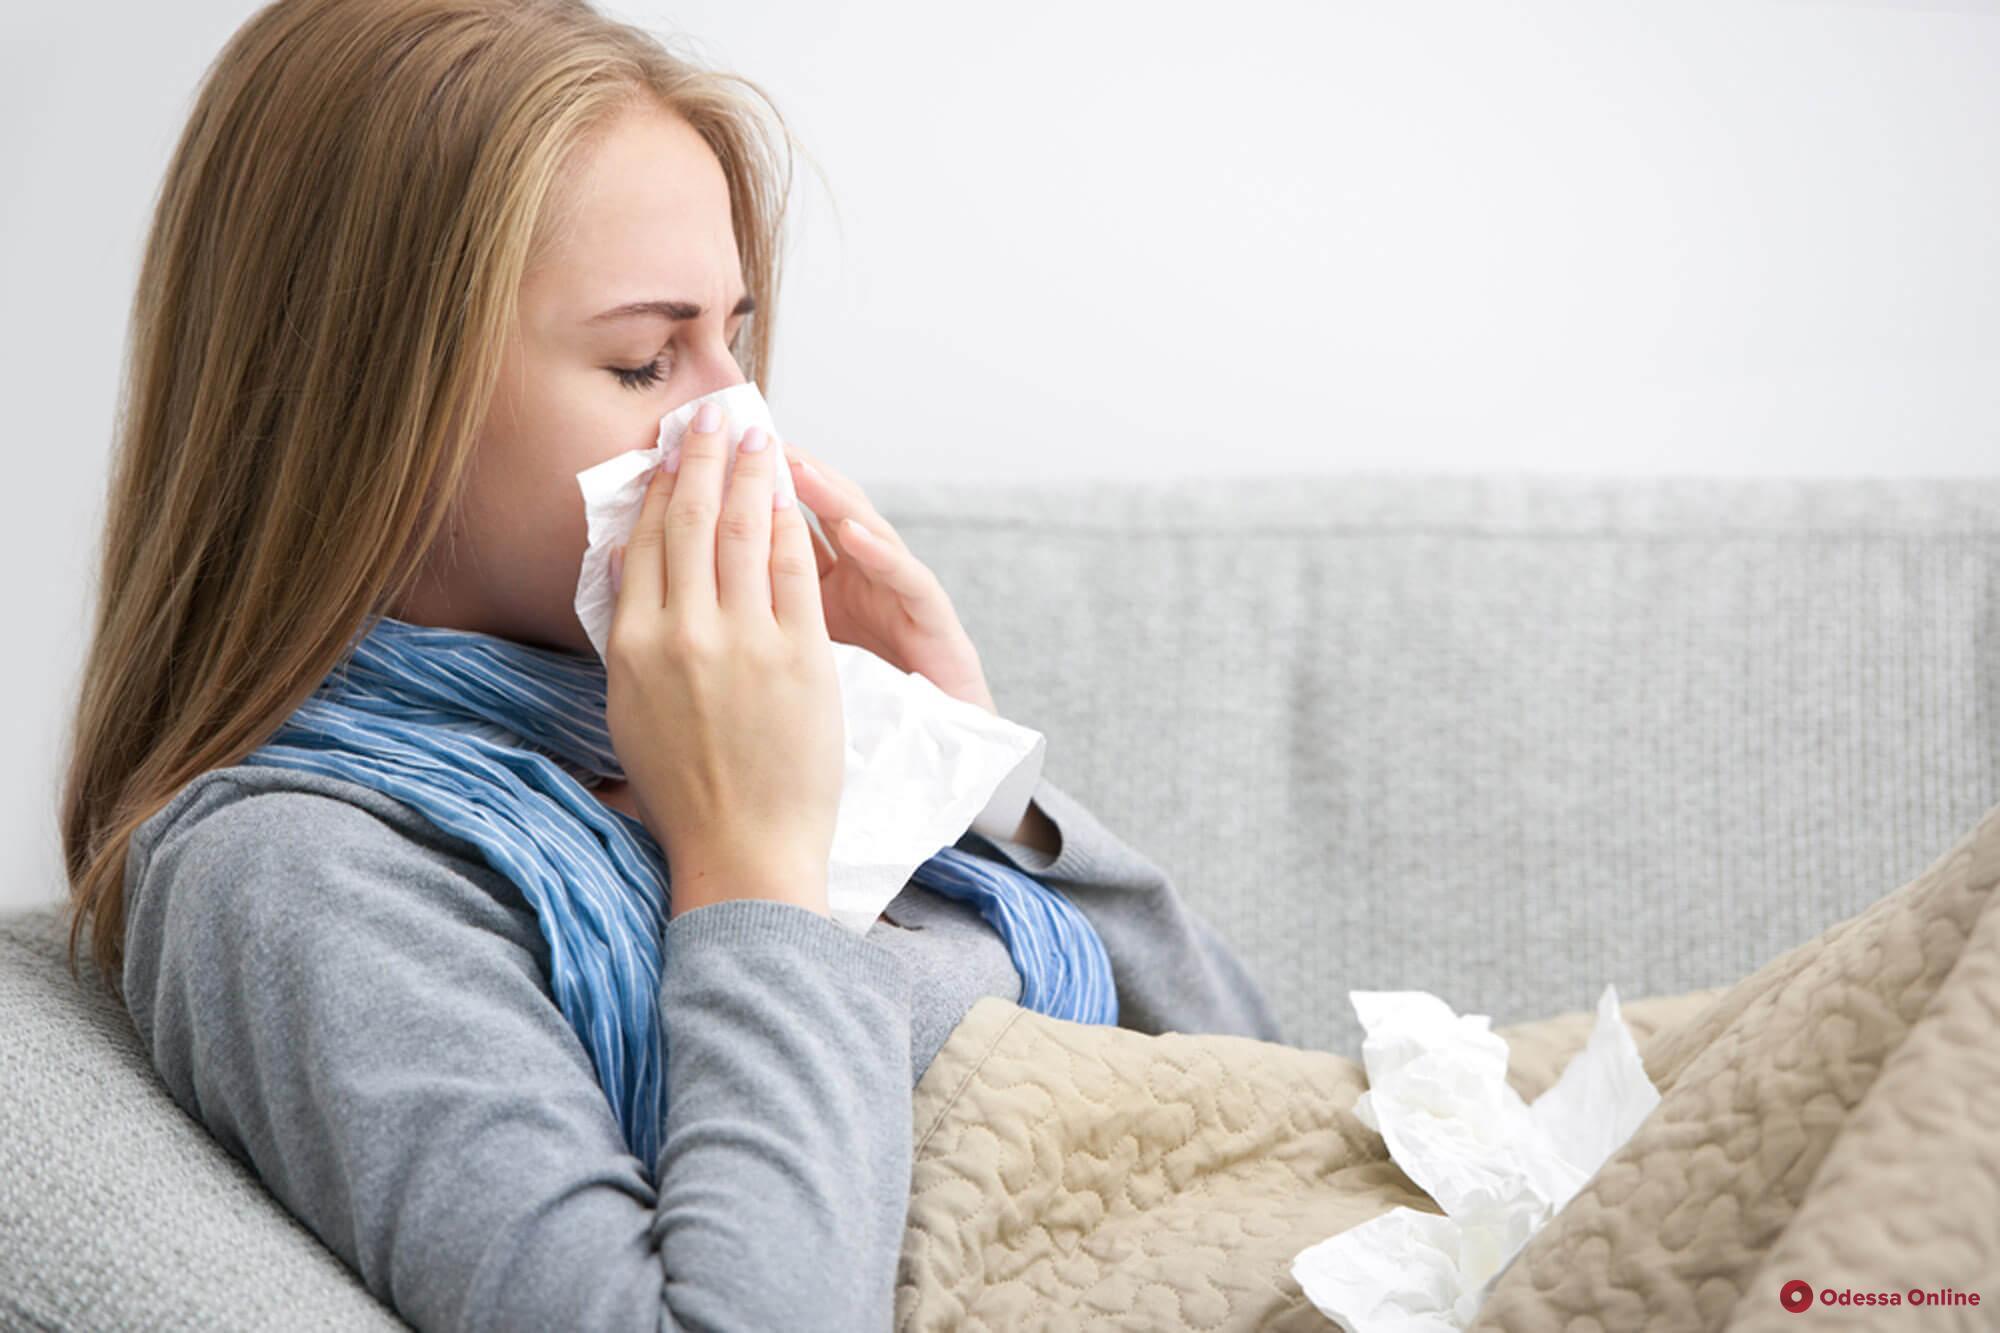 В Одессе на 29,5% превышен эпидпорог по гриппу и ОРВИ